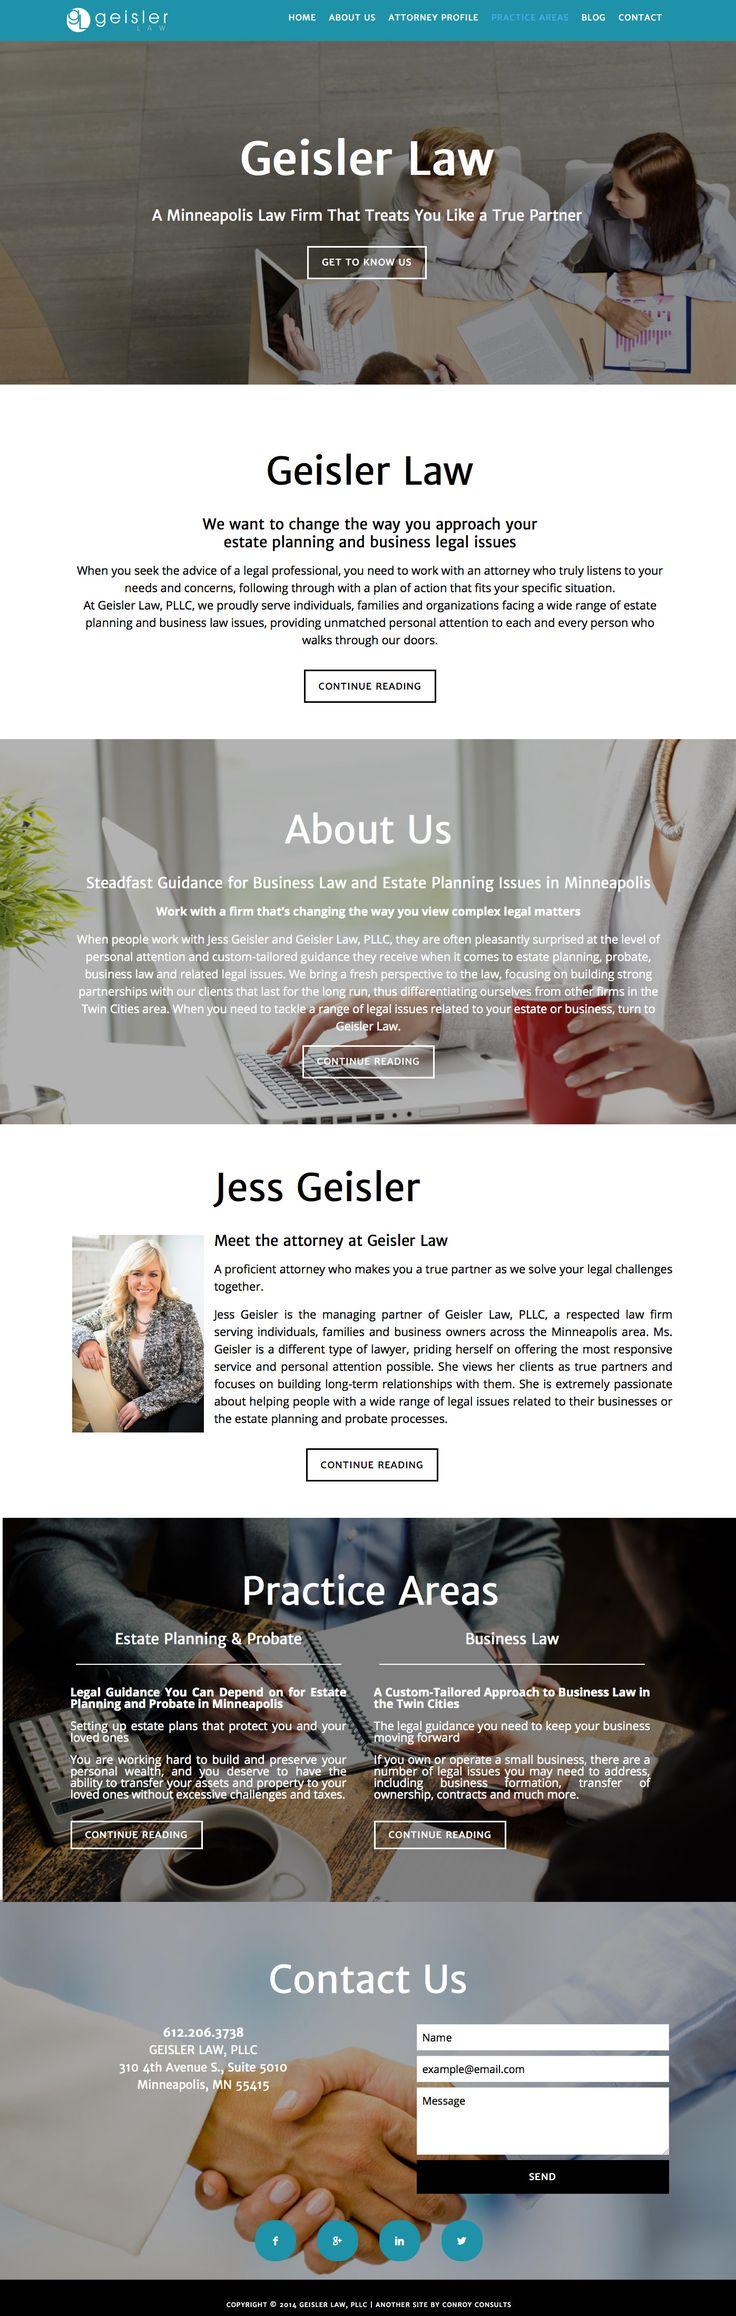 Best Attorney Web Design Images On   Design Web